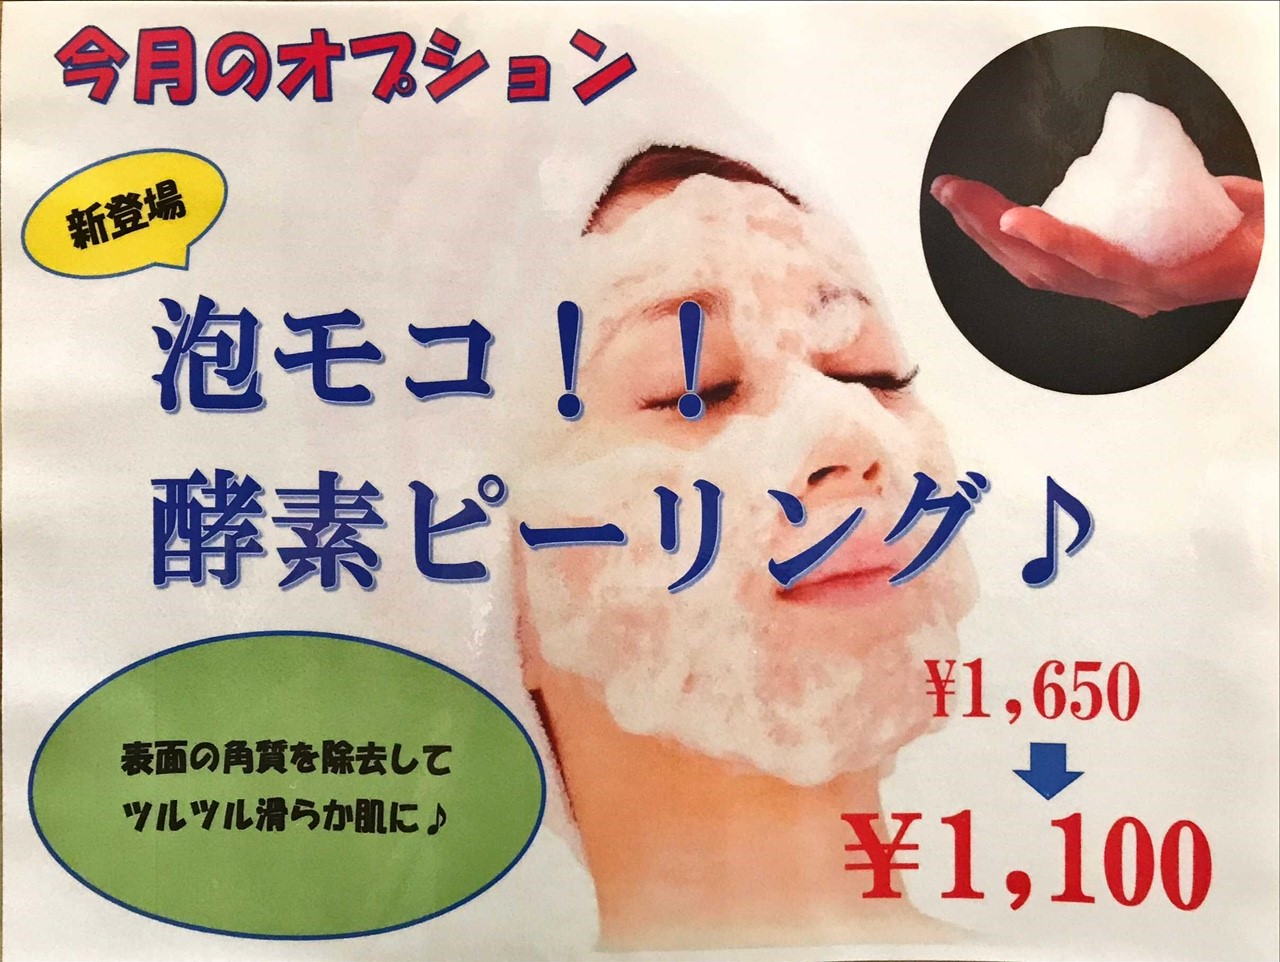 ラスト7日!泡モコ☆酵素ピーリング洗顔♪